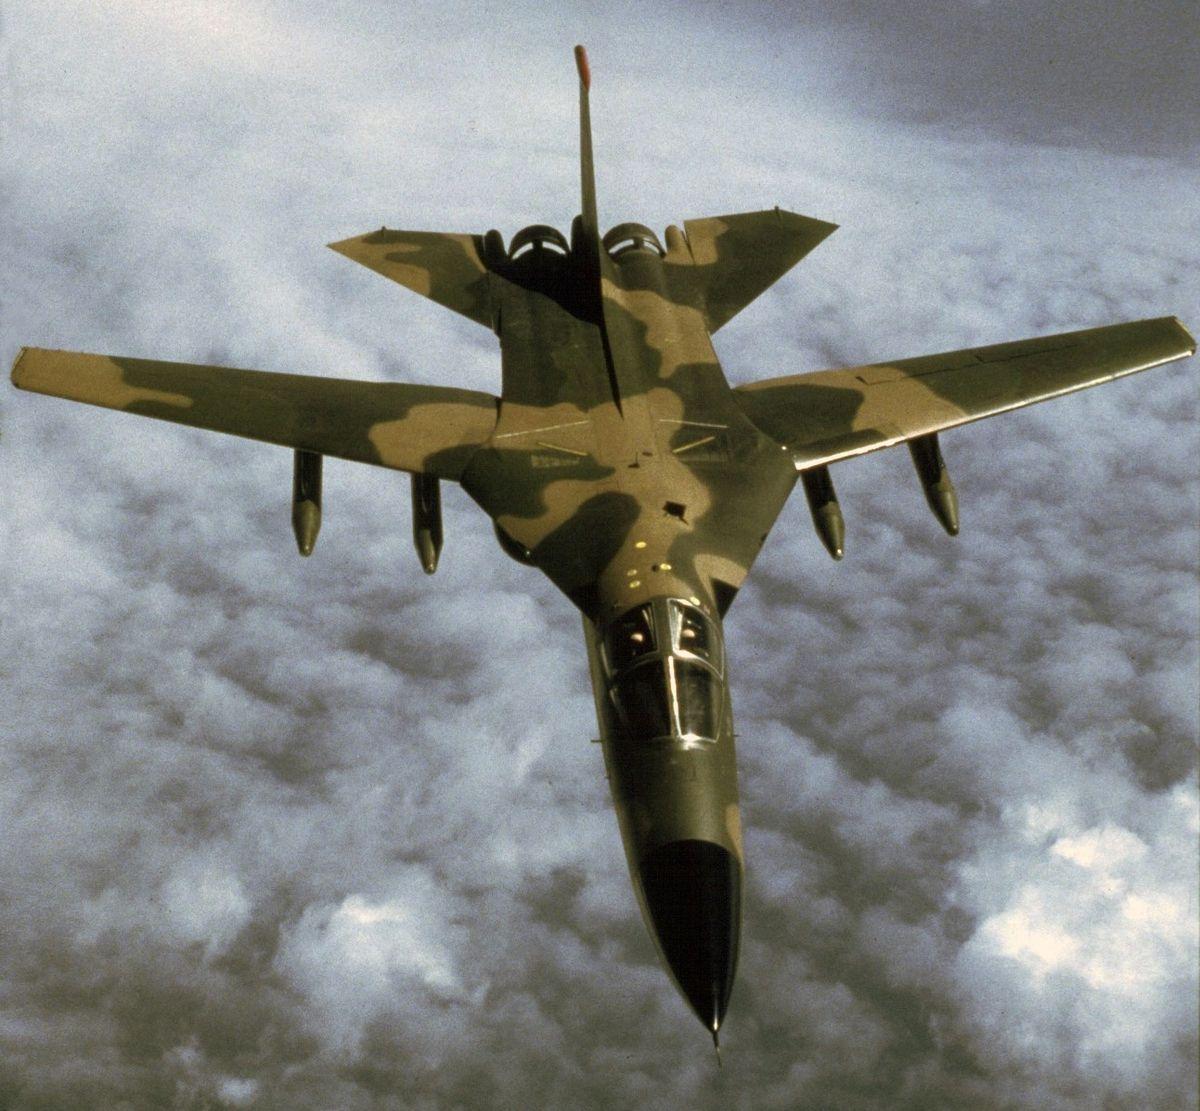 General Dynamics F-111 Aardvark – Wikipedia